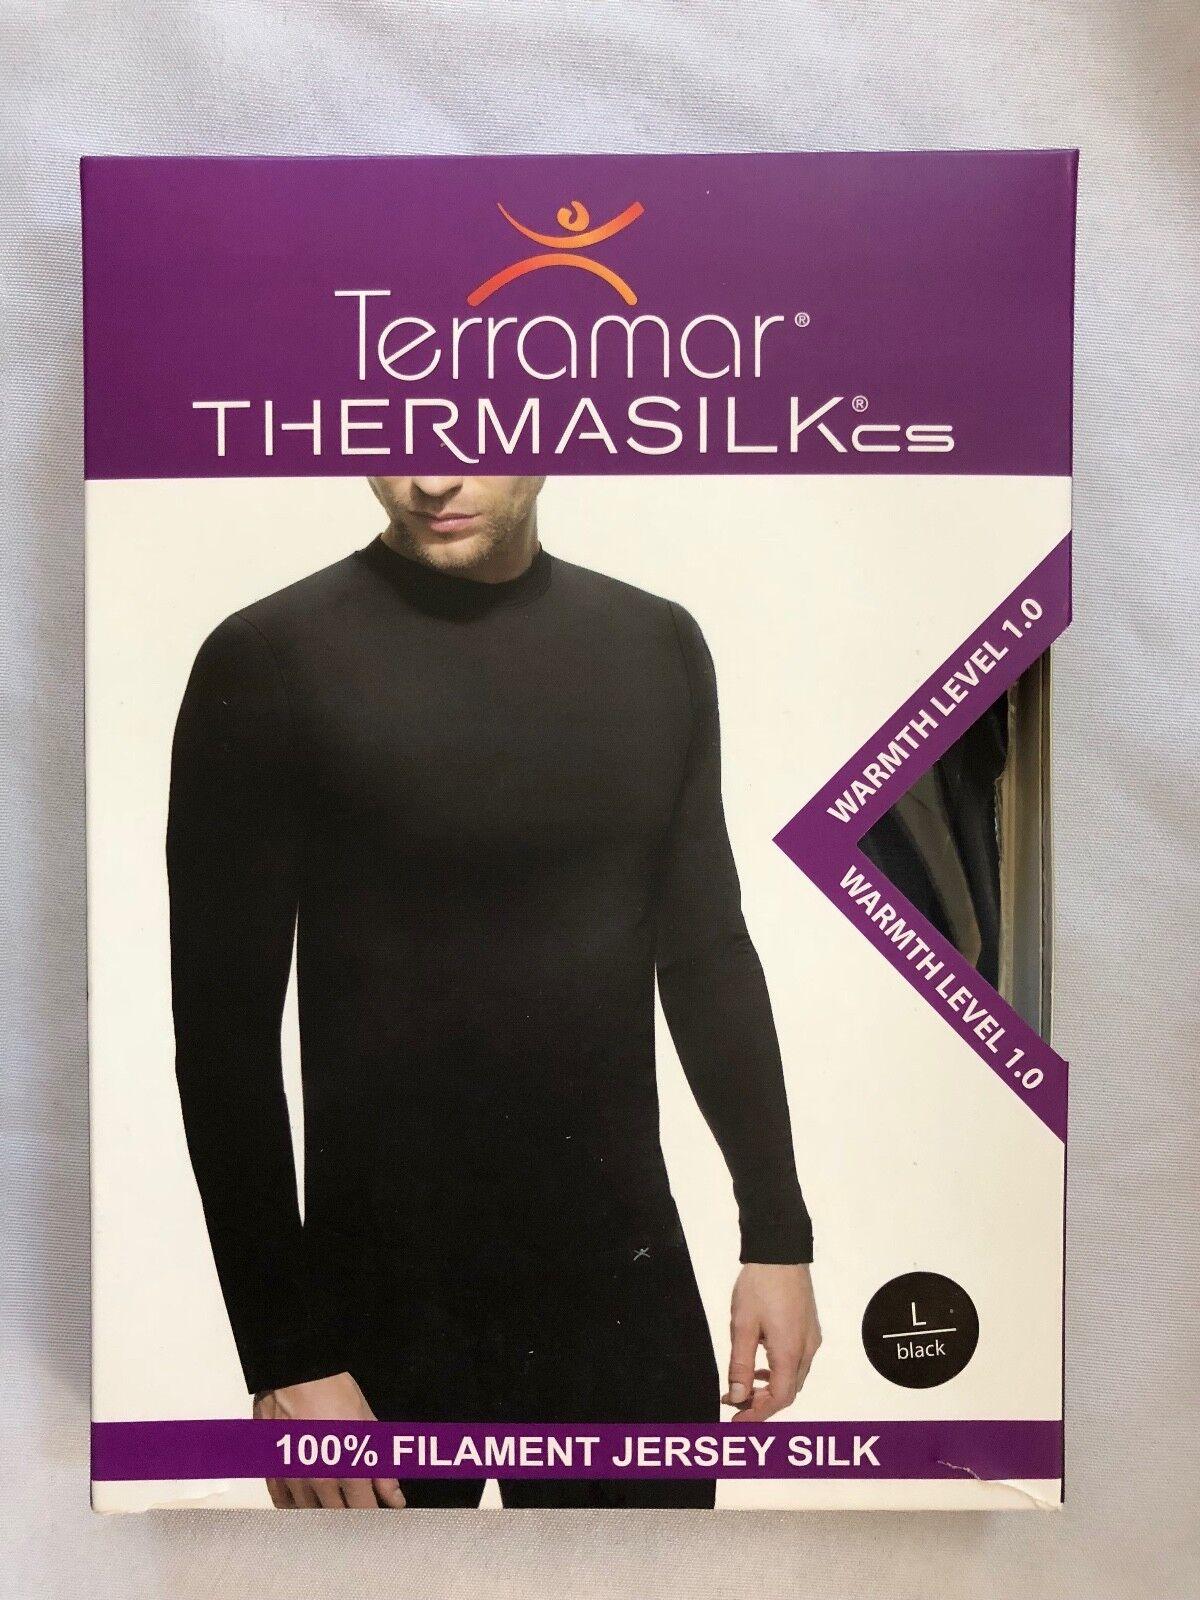 New Terramar Thermasilk Shirt or Pant - Sold Separately